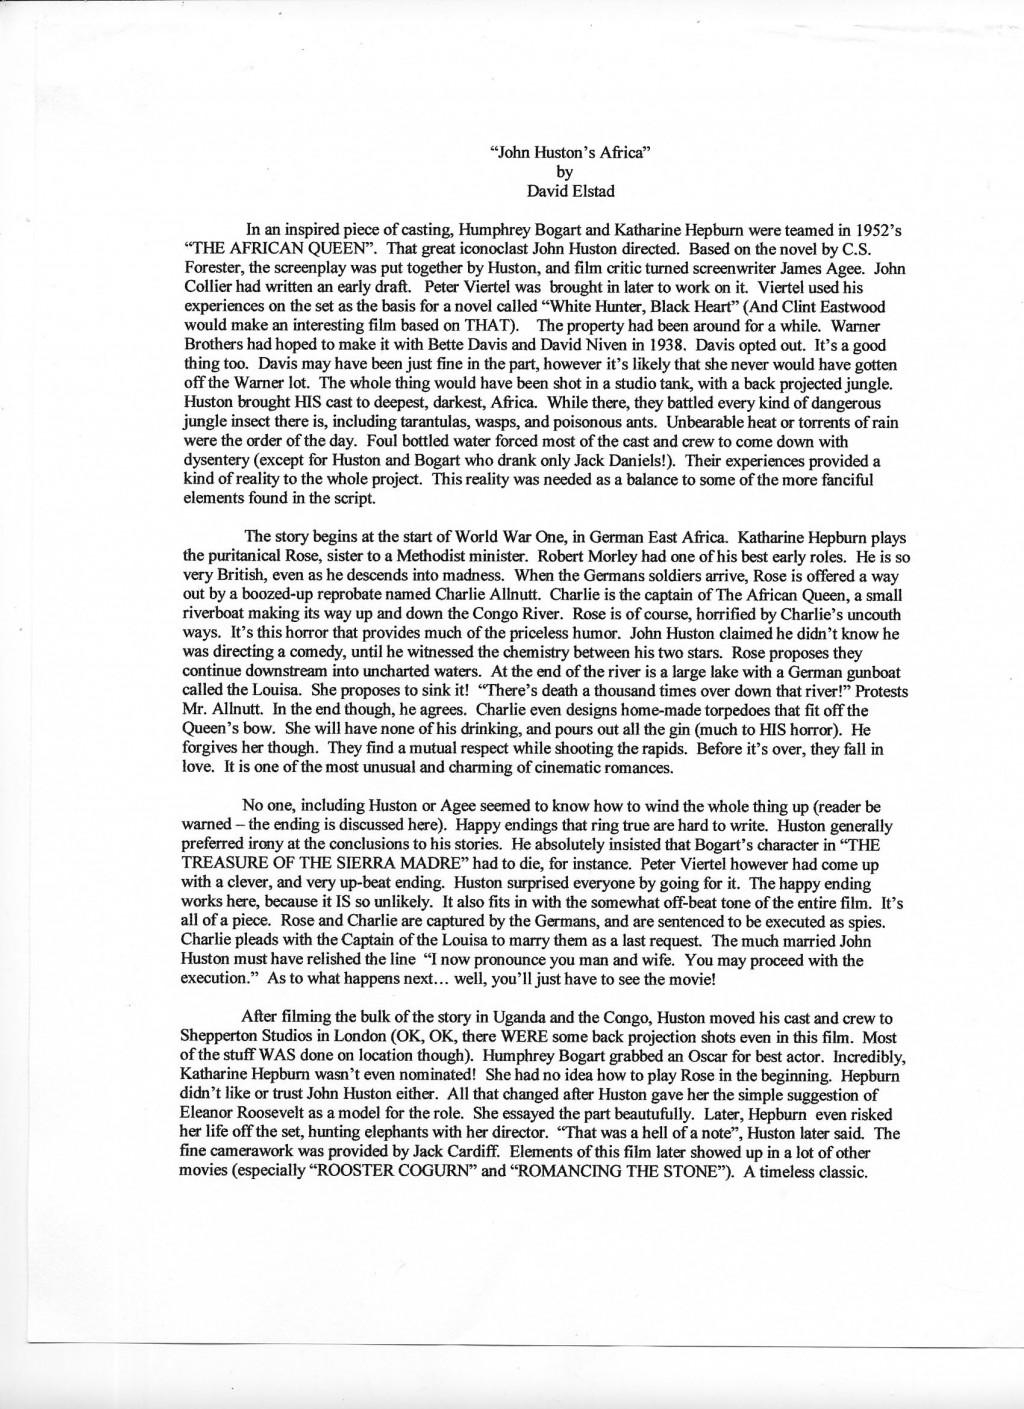 012 Njhs Essay Conclusion Onepageessay Unique Large